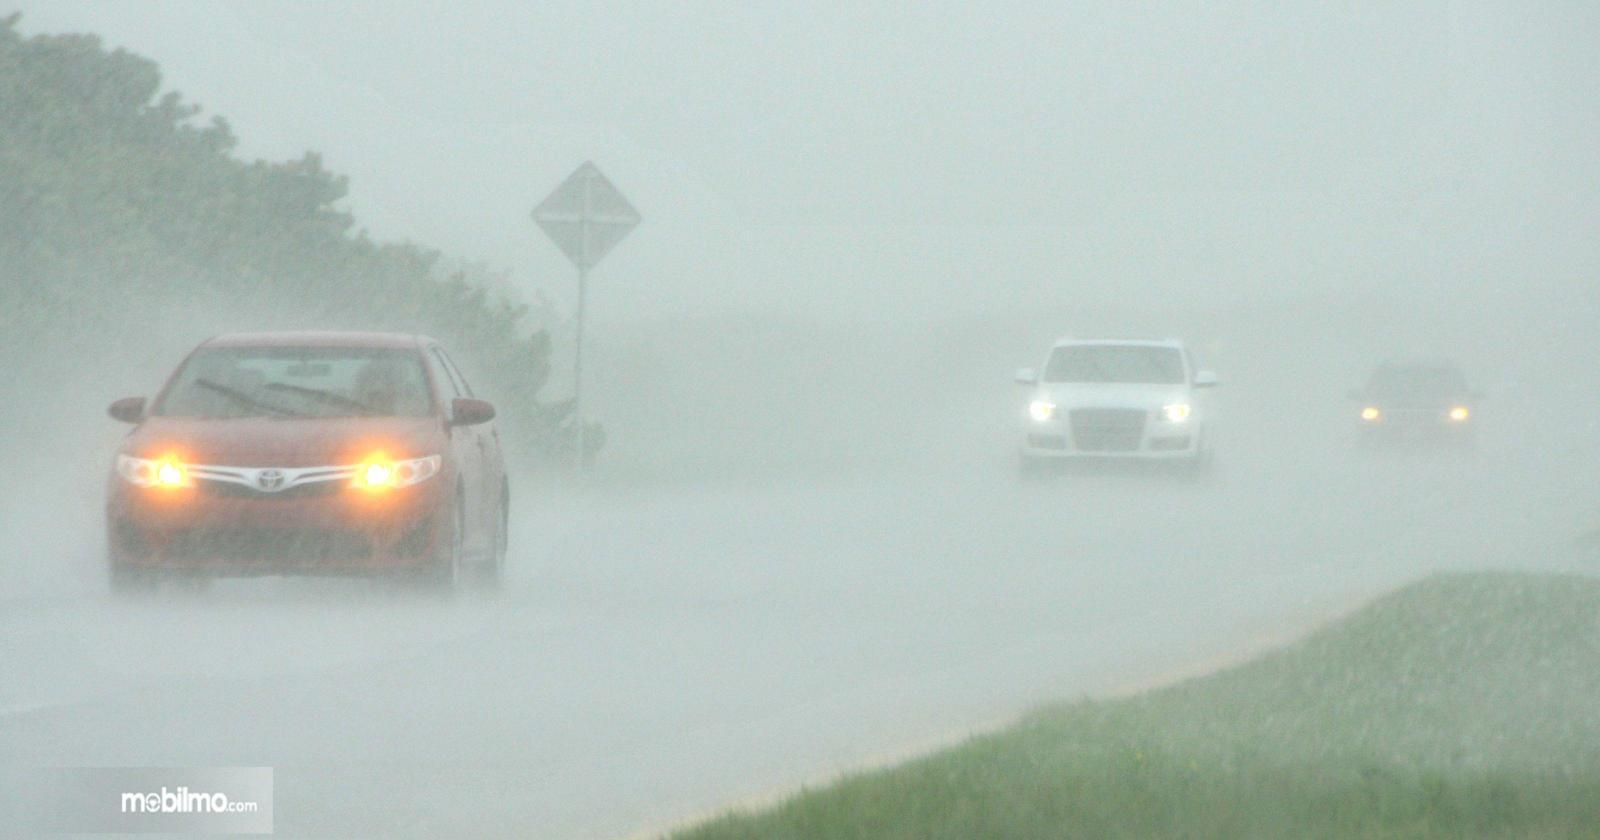 Foto mobil-mobil melintas di jalanan dengan lampu menyala saat hujan deras